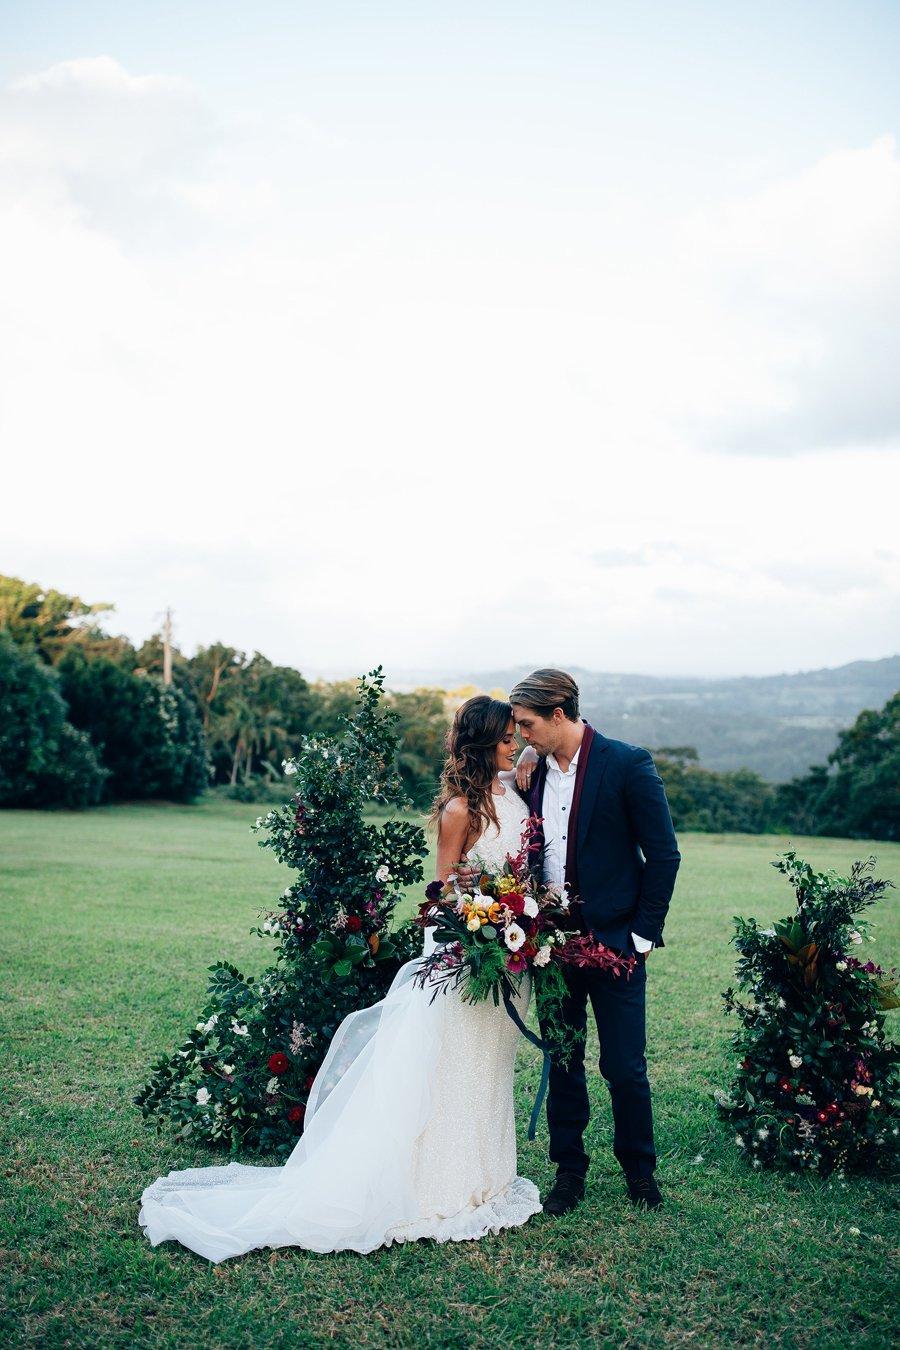 ardeena-tweed-coast-wedding-venue-hinterland-gold-coast-wedding038.jpg